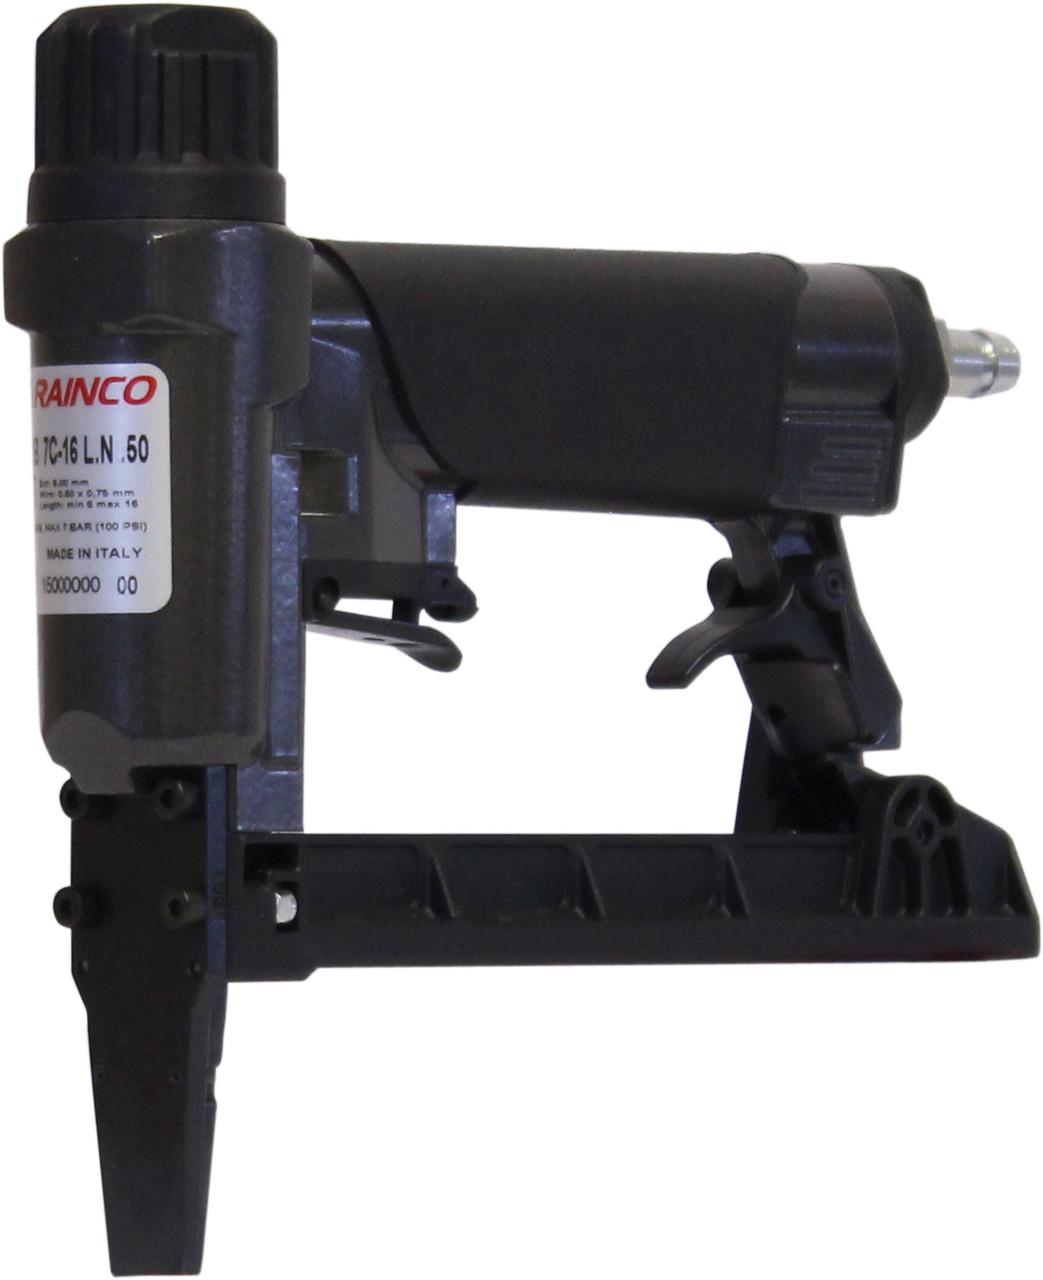 Rainco 22 Gauge 3 8 Crown Upholstery Stapler 1b 7c 16 Nl50